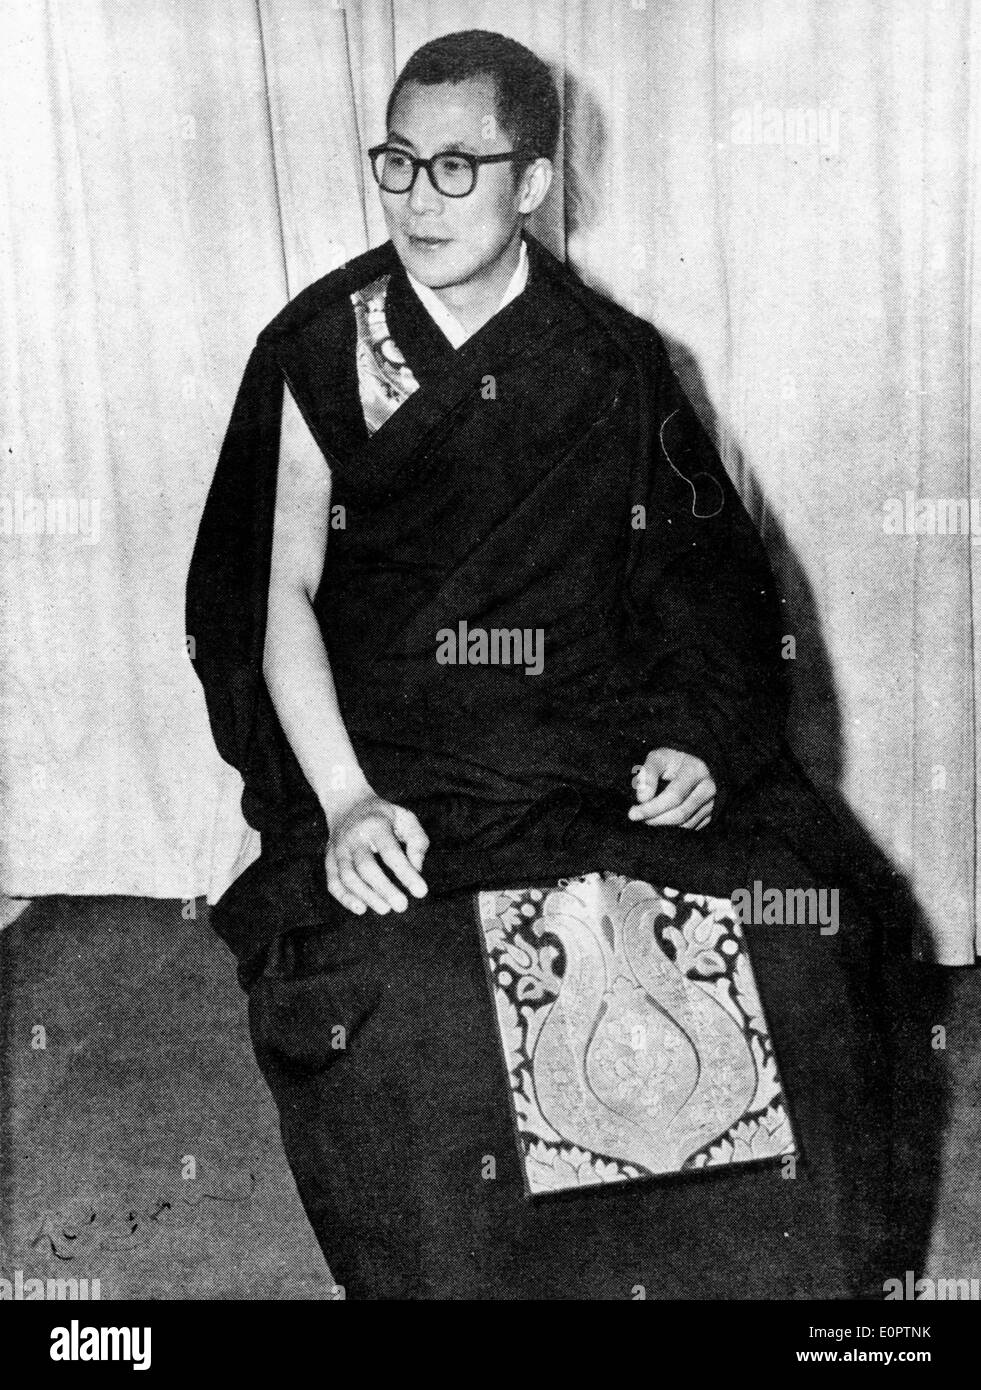 The 14th Dalai Lama - Stock Image